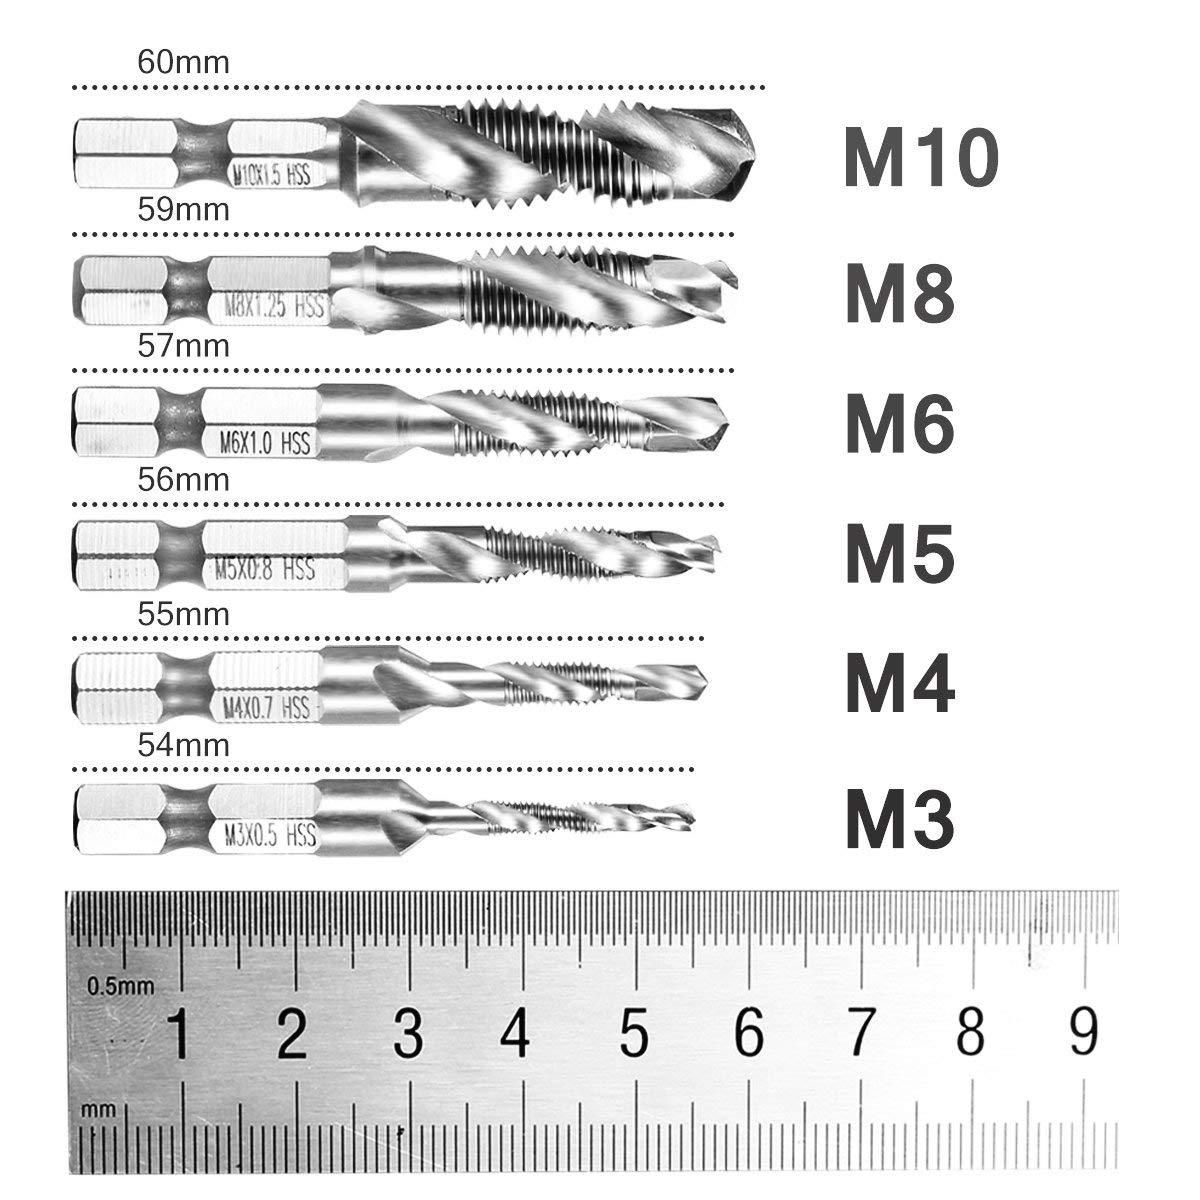 8 teilig Stecknussadapter Akkuschrauber Stecknuss Adapter Socket Steckschl/üssel Nuss Set f/ür Bithalter +rechtwinklig Treiber Winkel Verl/ängerung Power Schraubendreher Bohrmaschine 1//4,3//8,1//2 Zoll